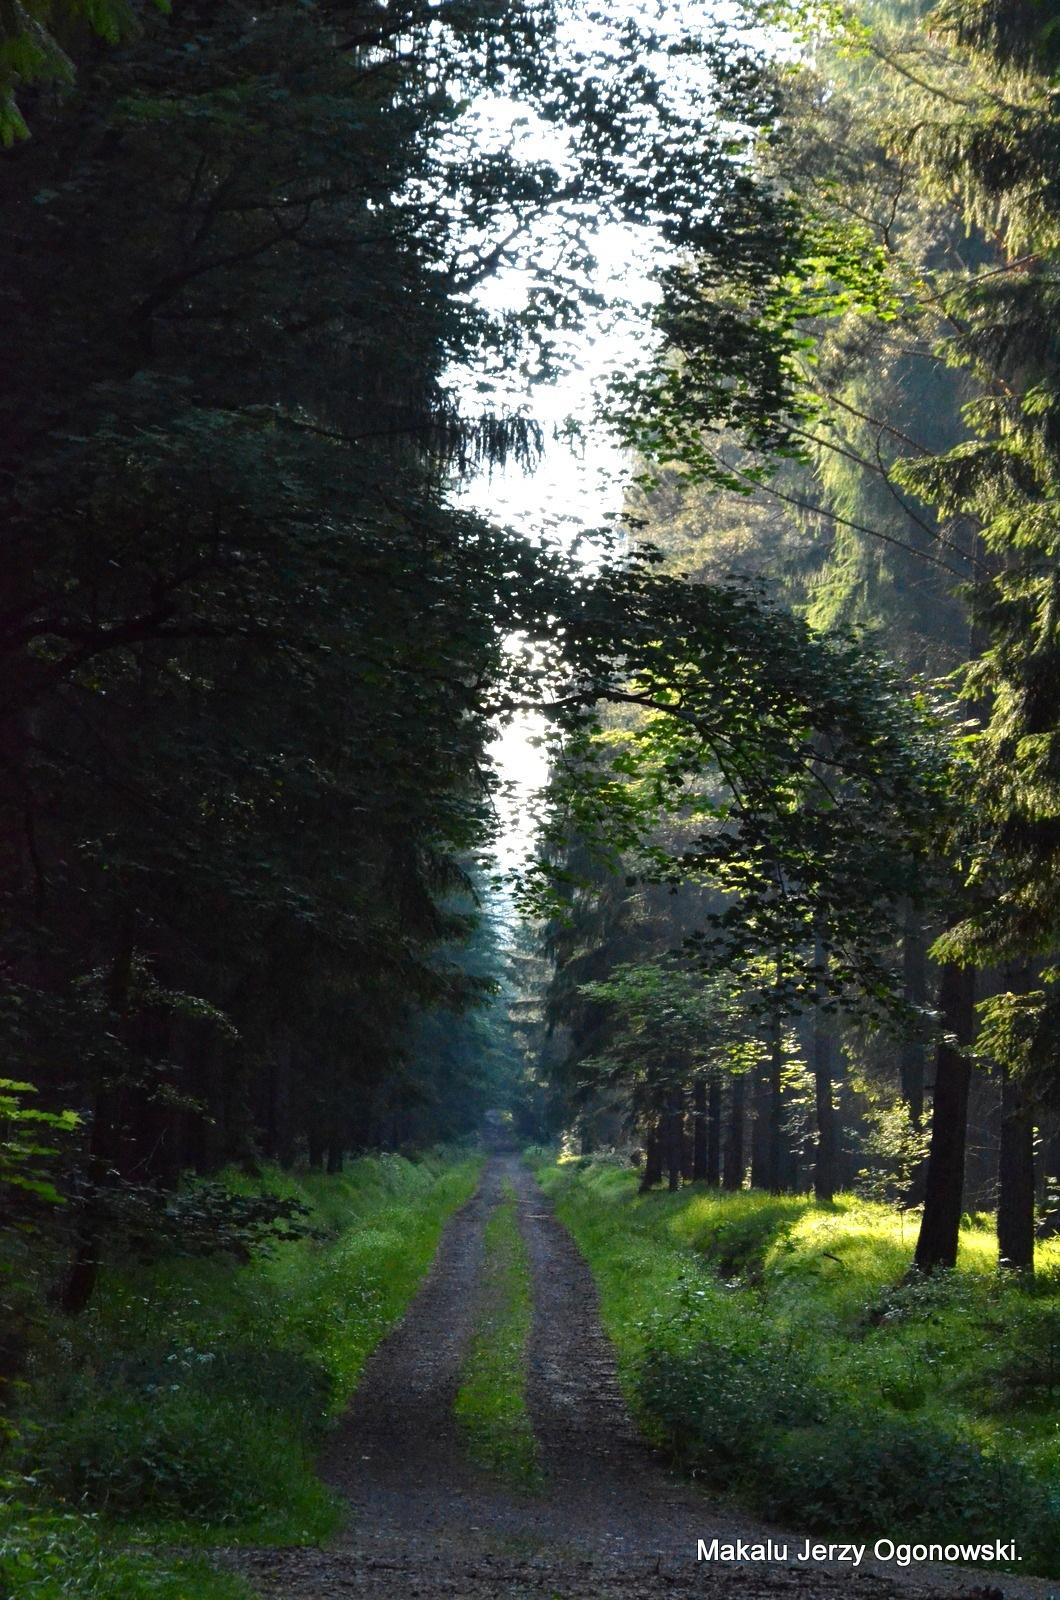 Forest in Poland .Lubawka Lower Silesia. by Makalu Jerzy Ogonowski